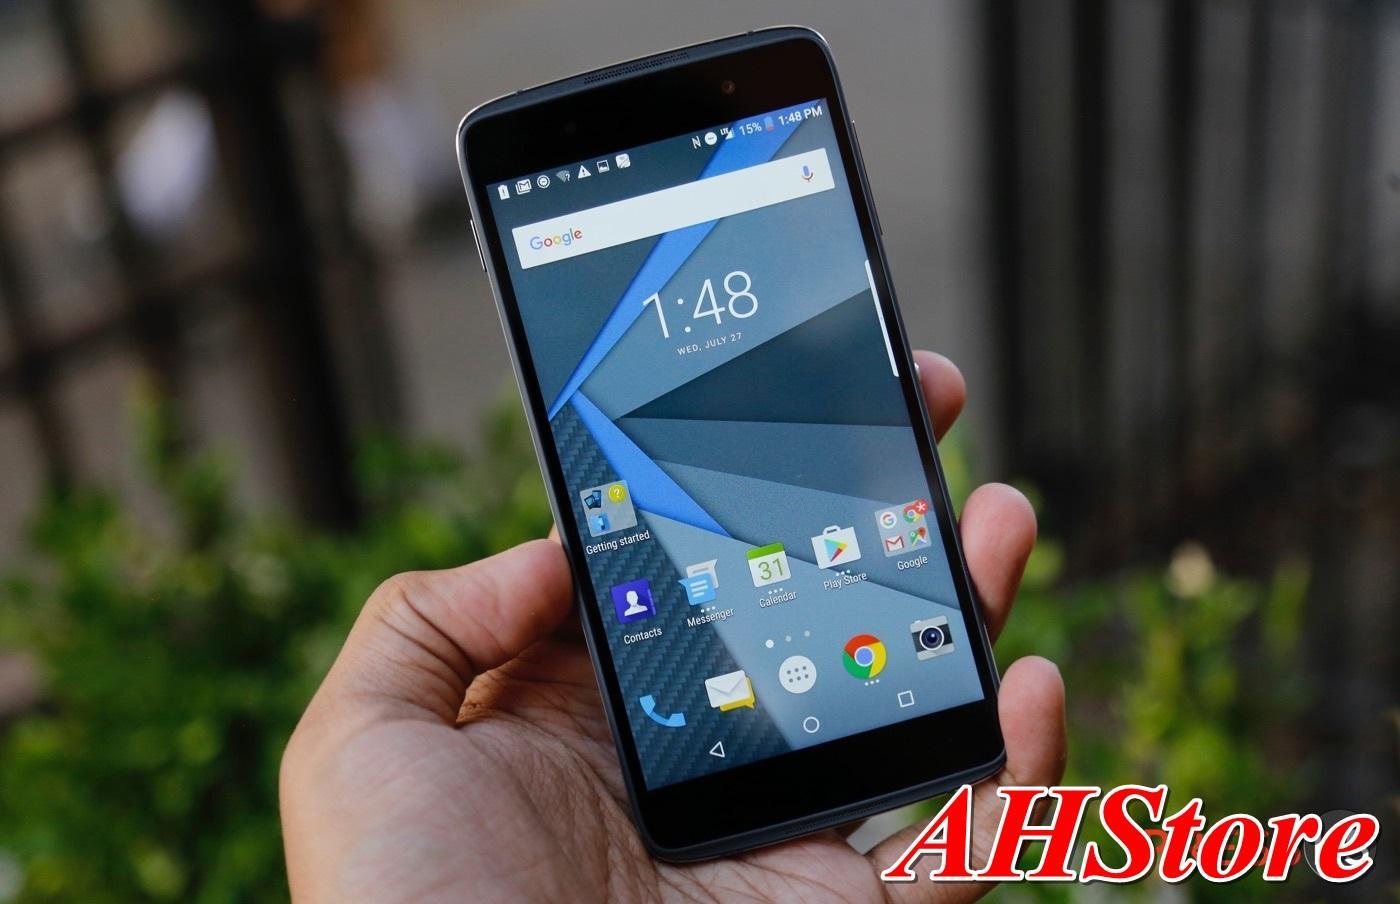 Điện thoại Blackberry Dtek 50 androi 16Gb - Đổi mới theo xu thế mới